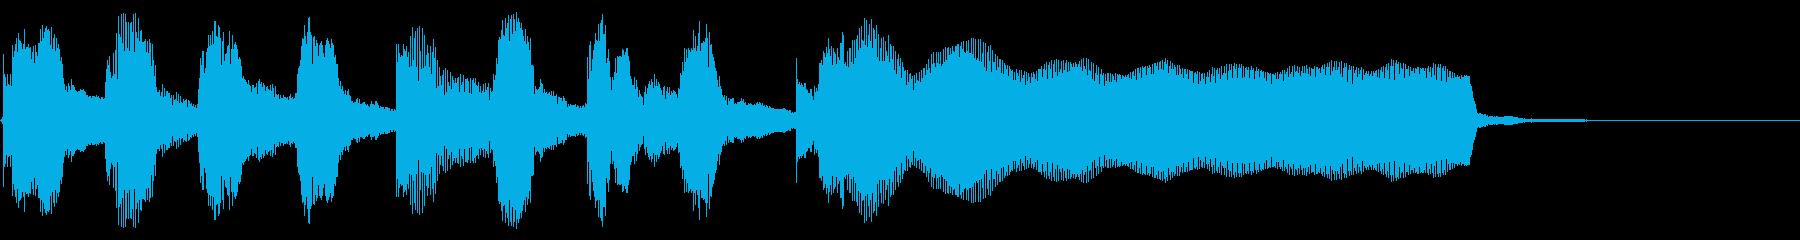 あかるい リコーダー トイピアノの再生済みの波形